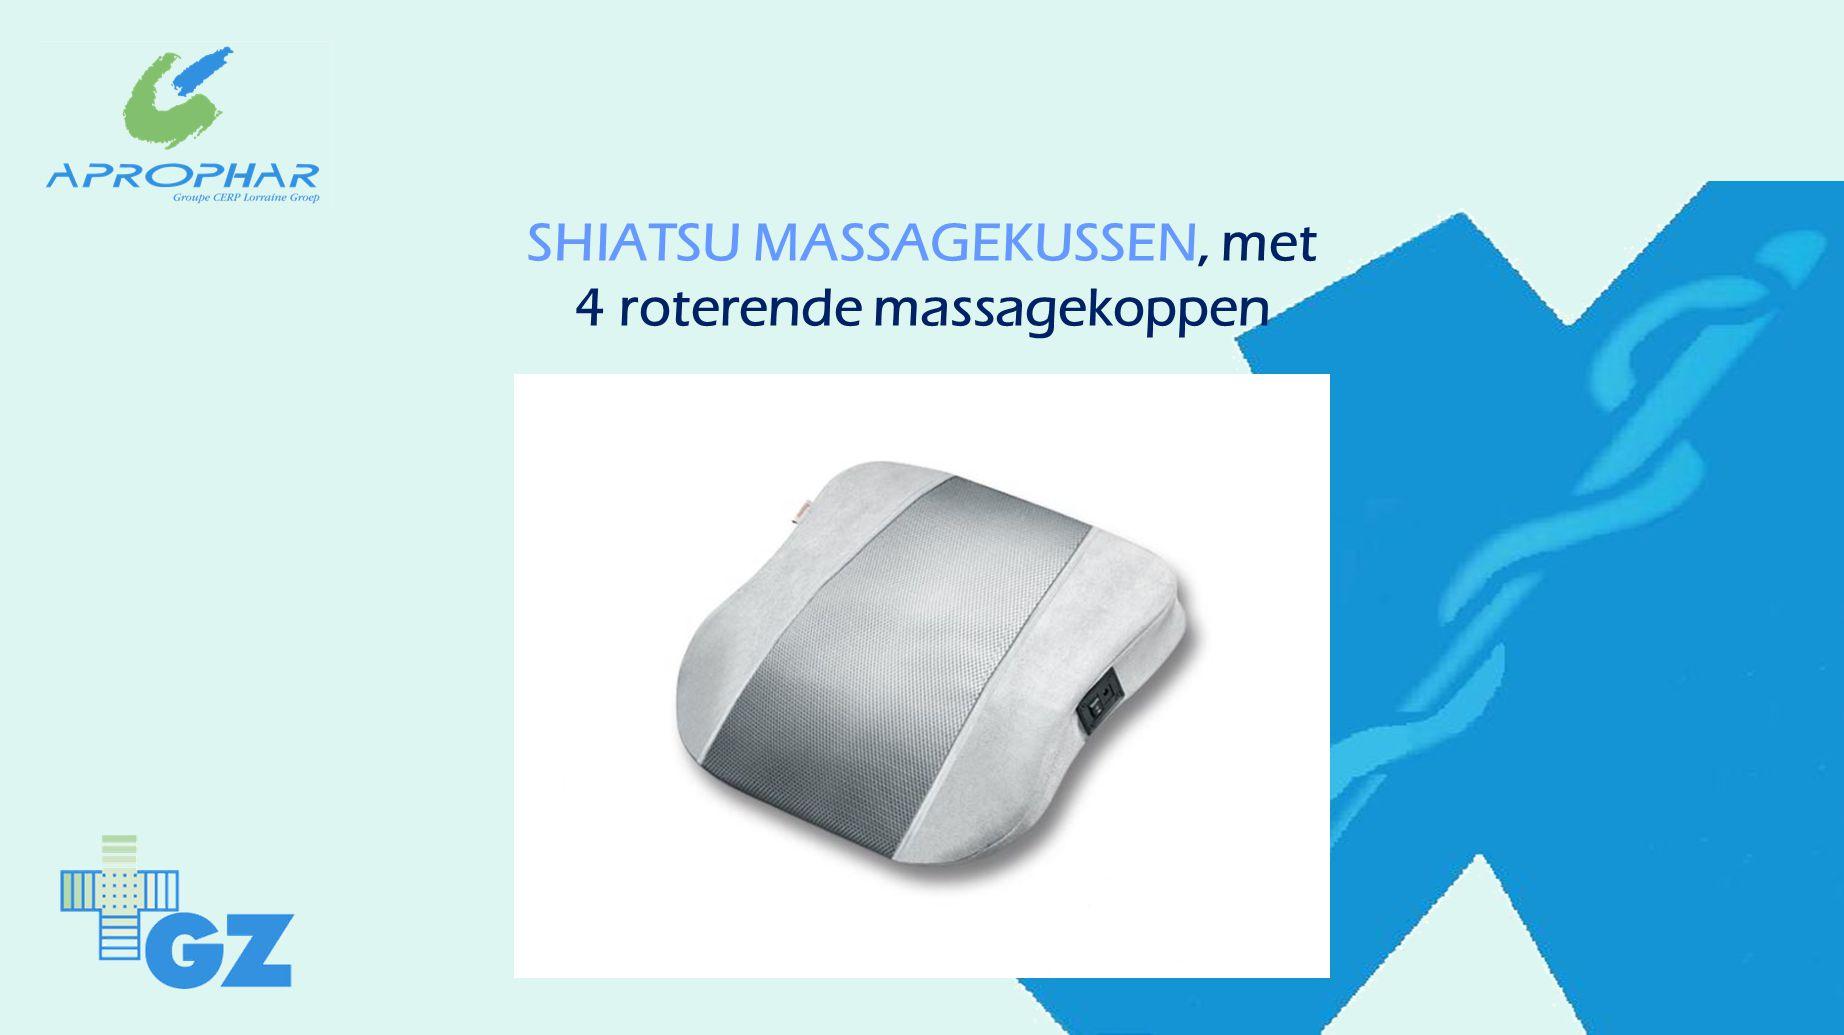 SHIATSU MASSAGEKUSSEN, met 4 roterende massagekoppen